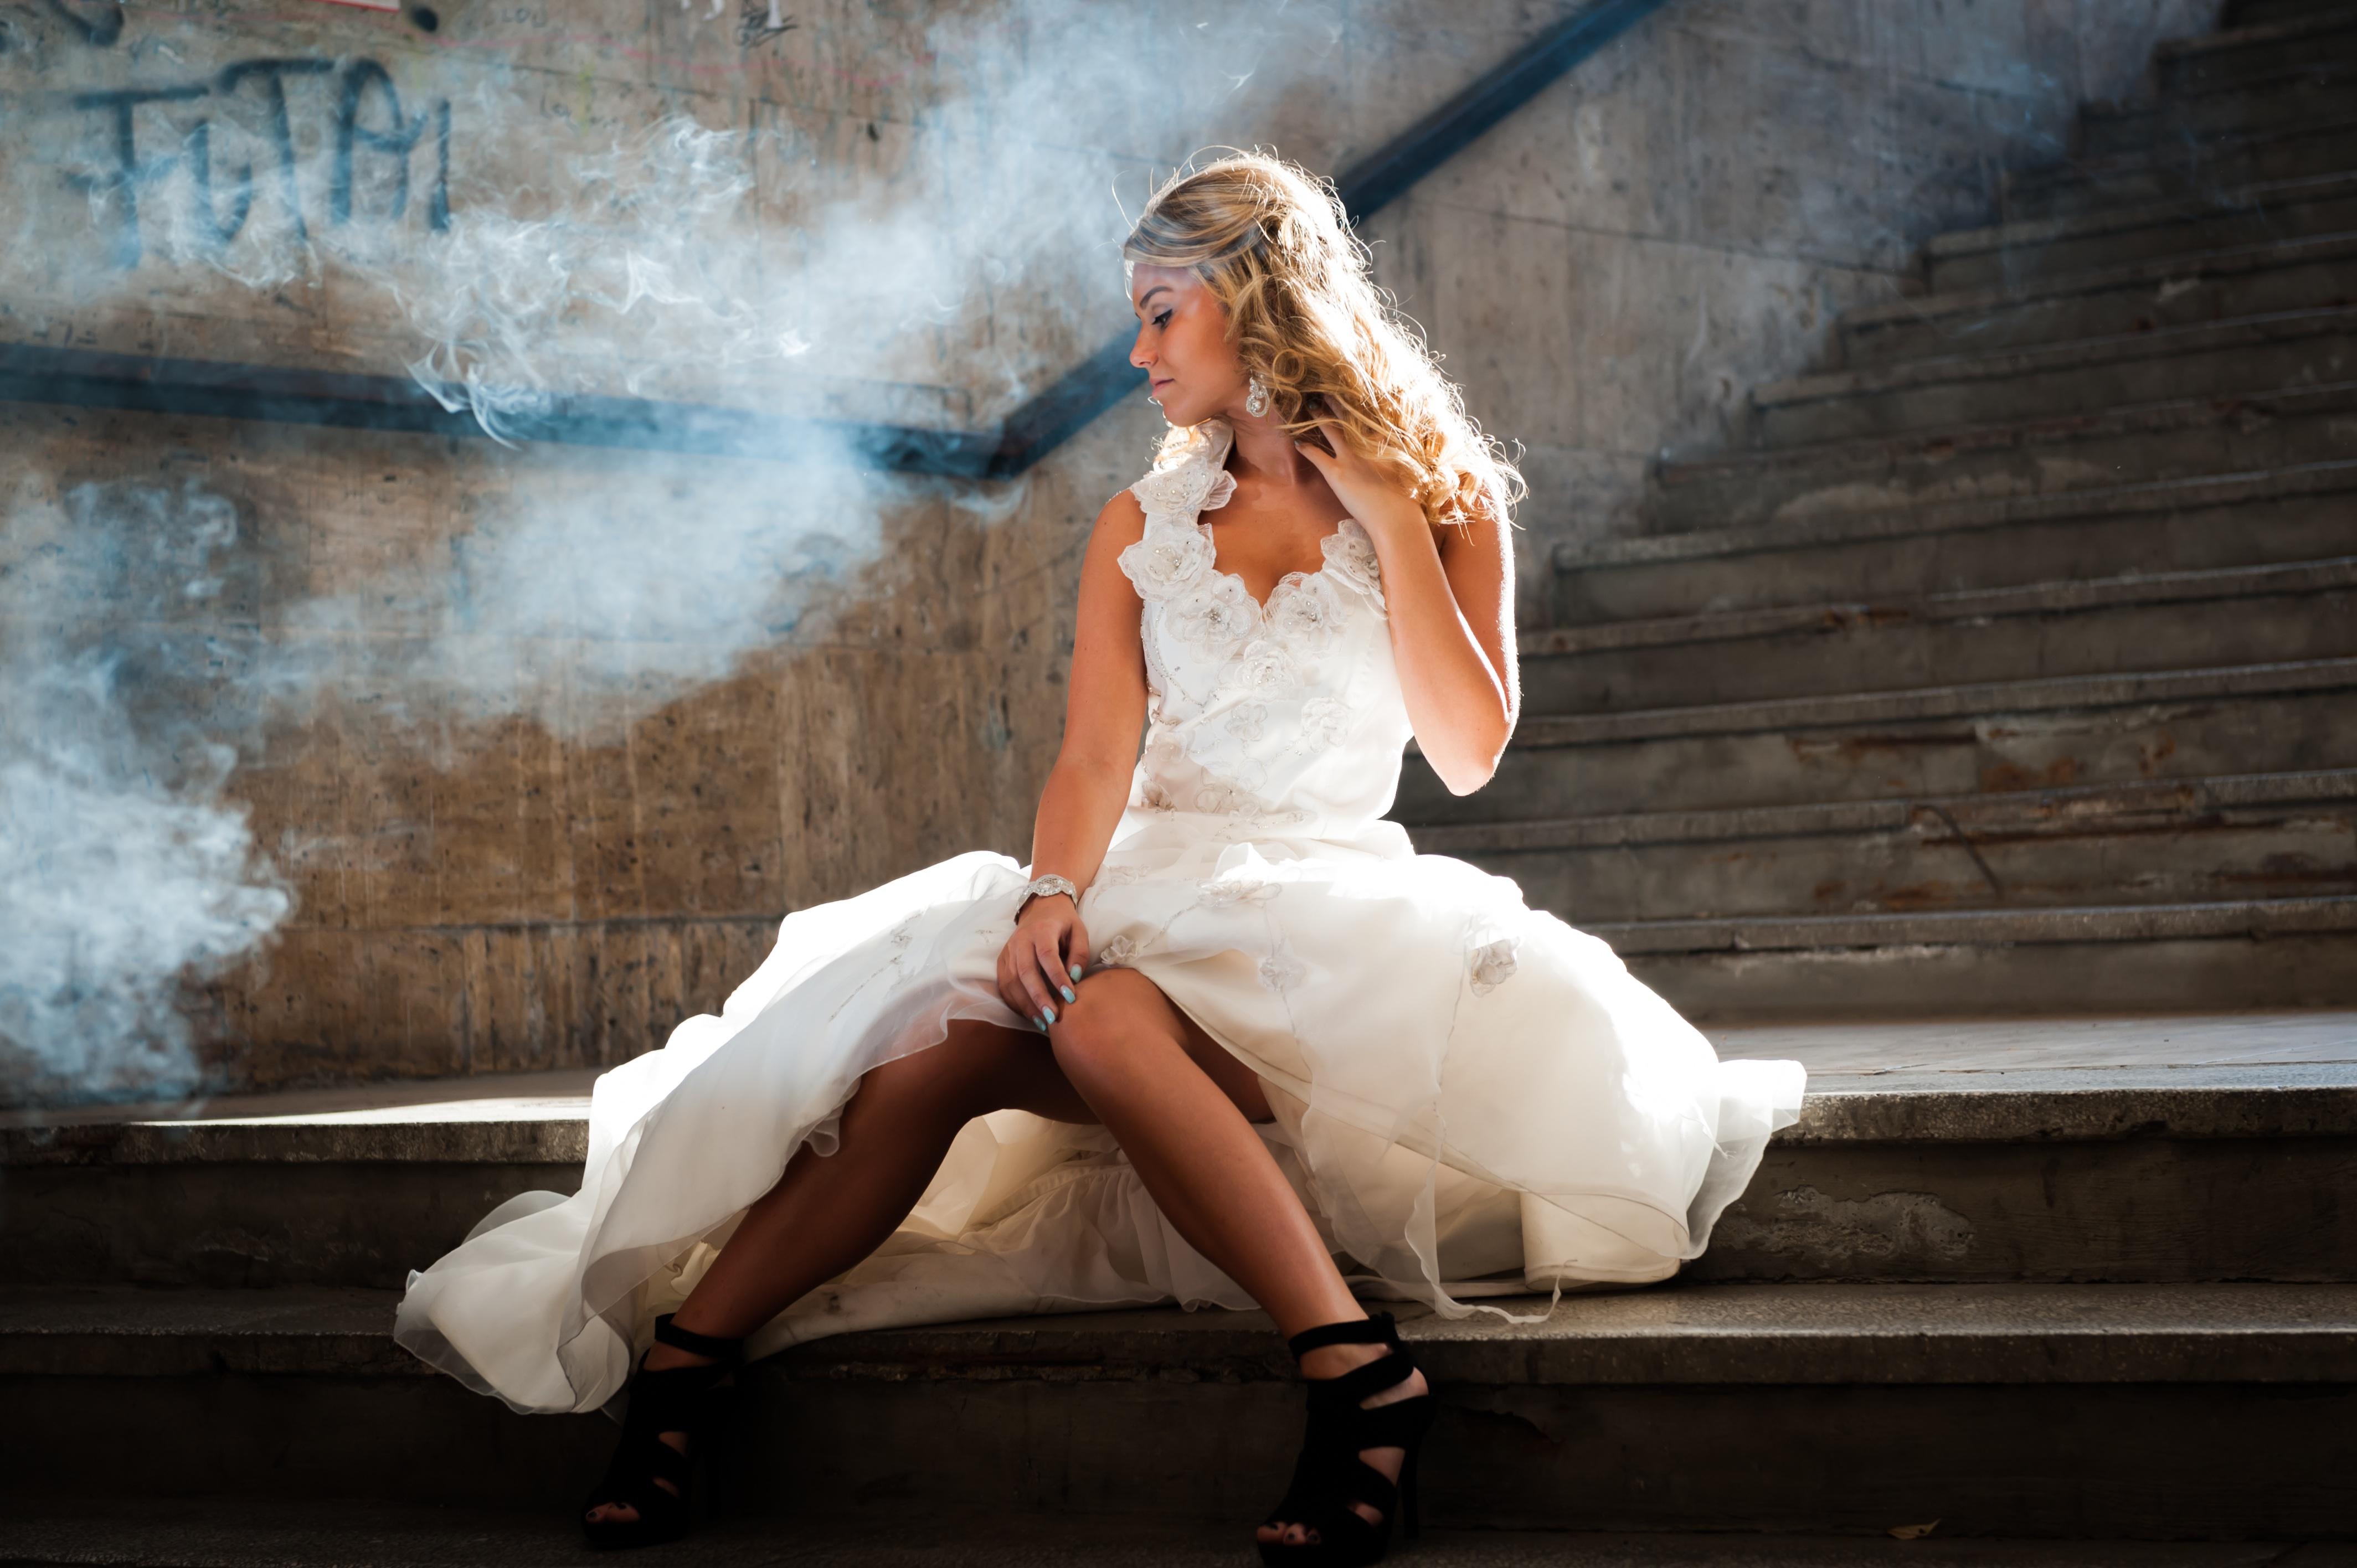 Frau in Hochzeitskleid sitzt auf einer Betontreppe – Nebelschwaden ziehen vorüber.